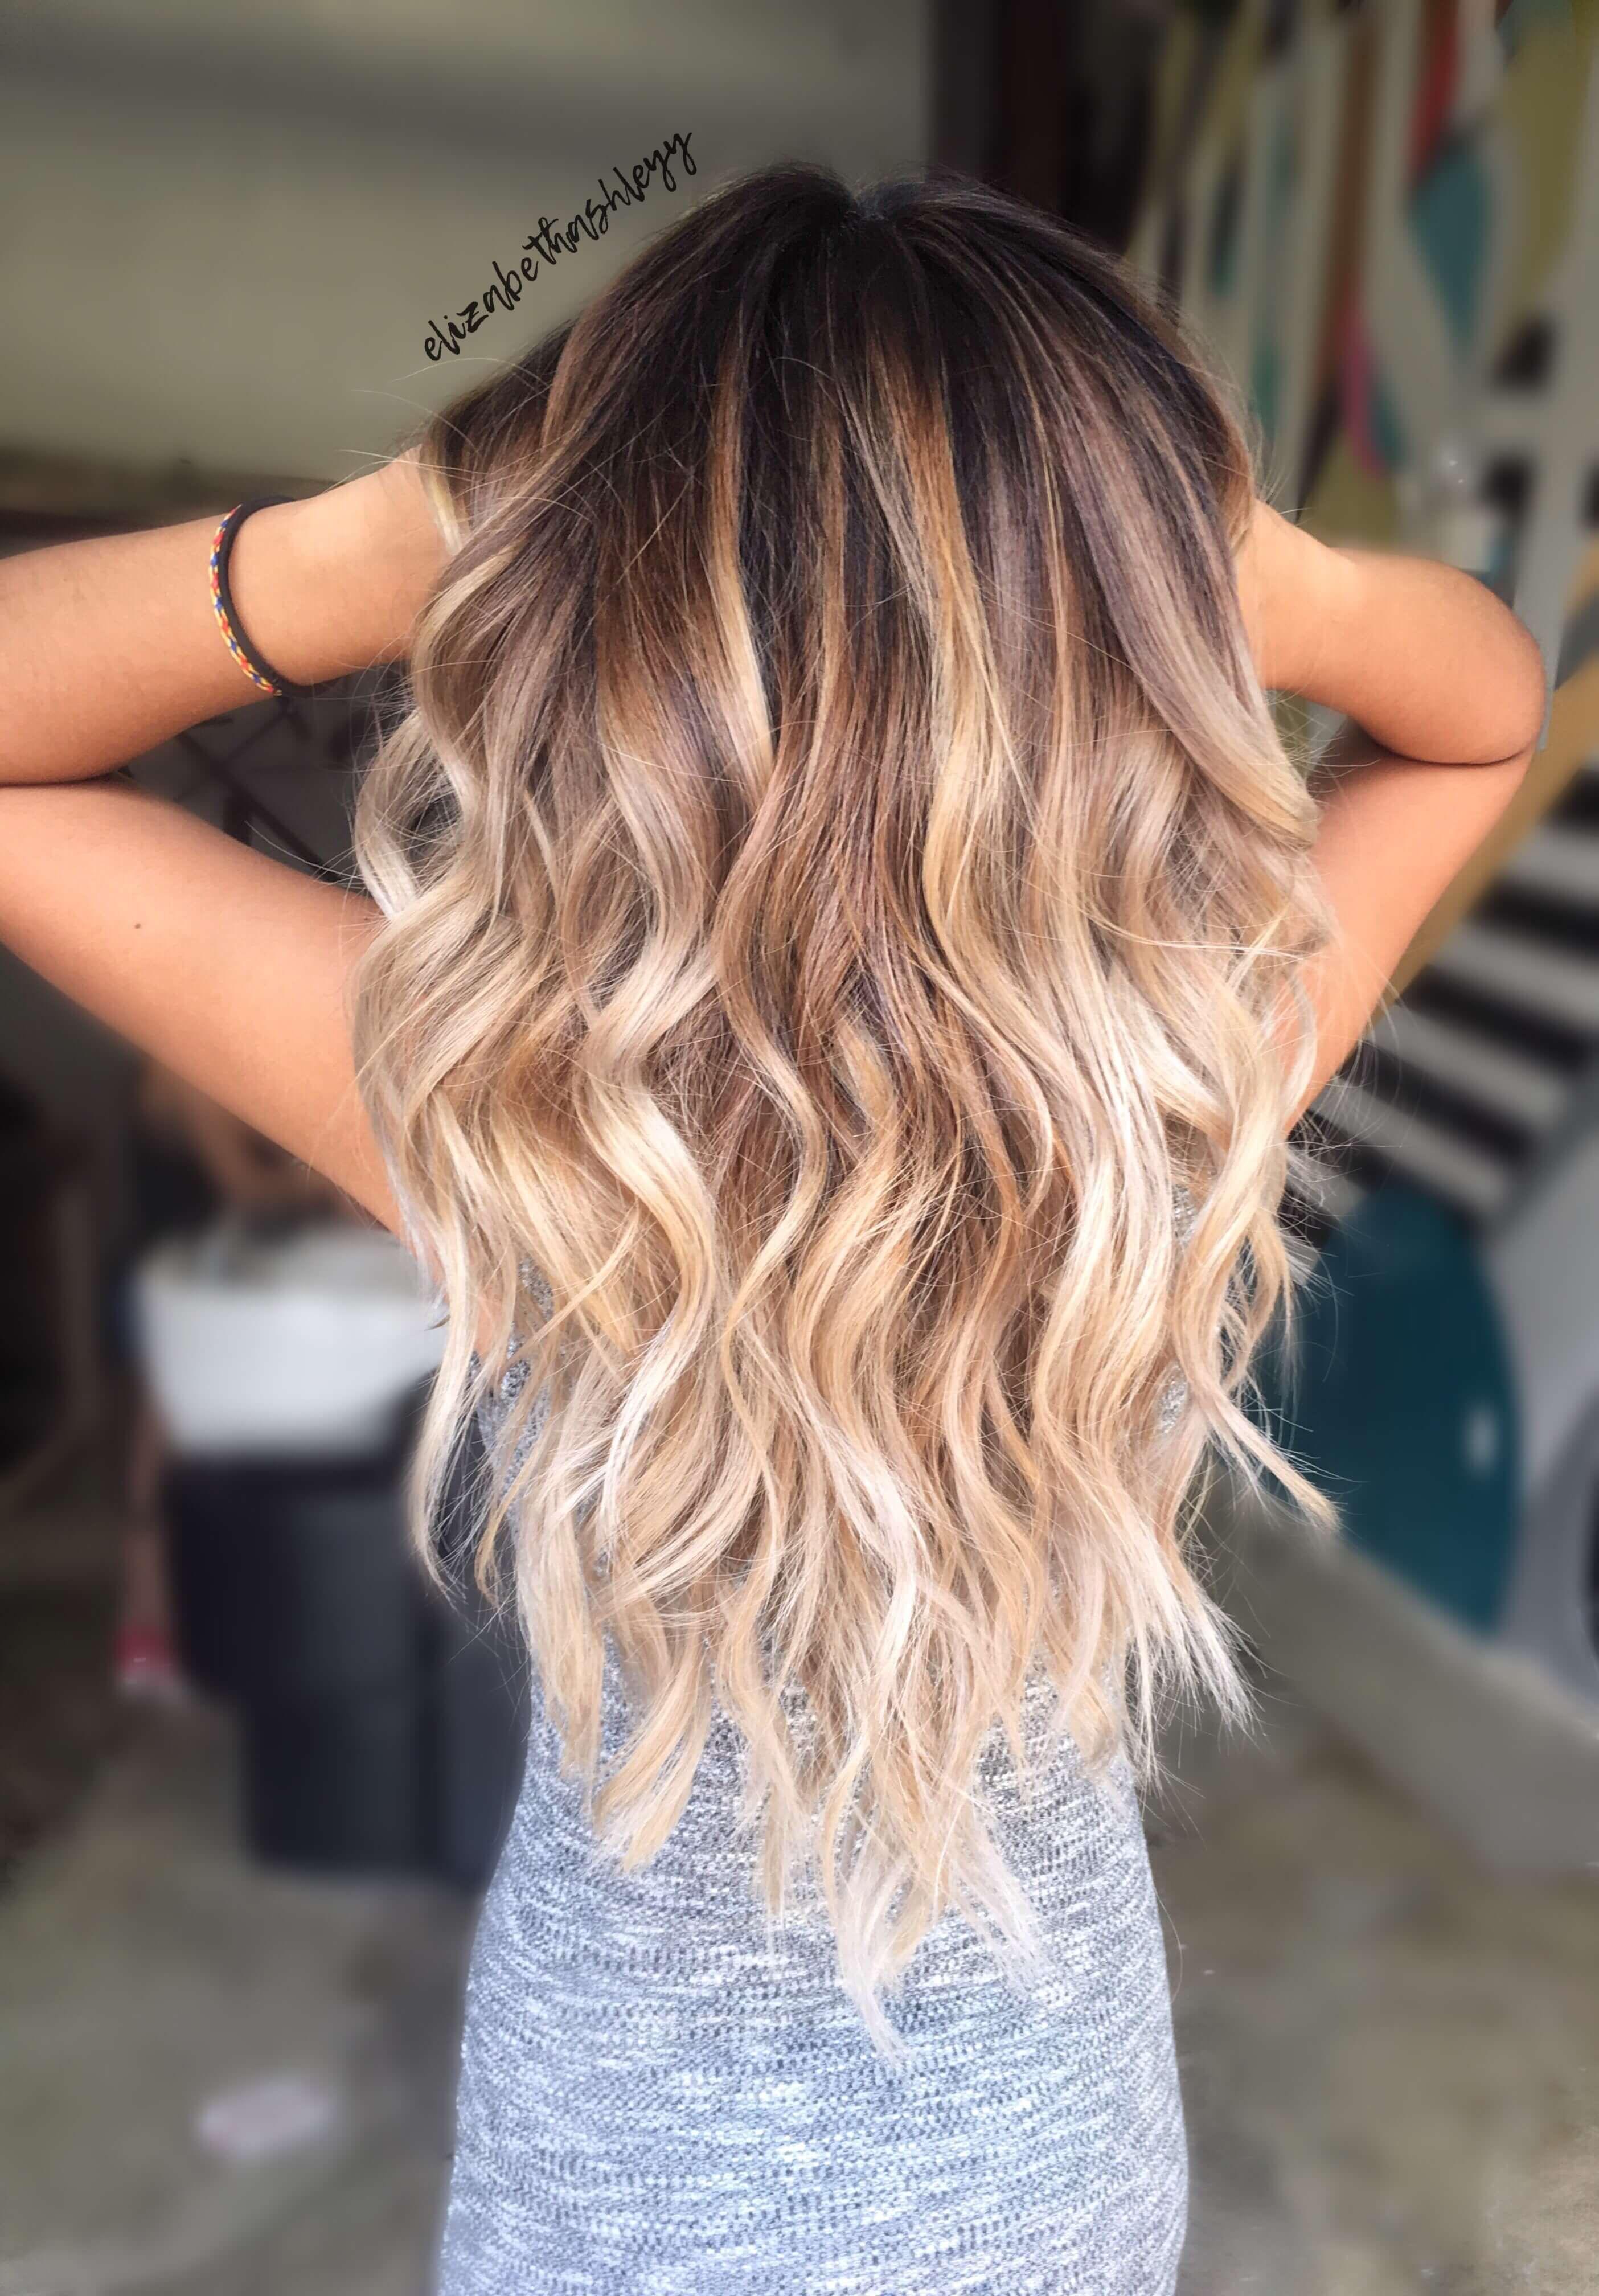 50 Beweise, dass jeder die blonde Ombre Frisur abziehen kann - Neue Damen Frisuren #hair